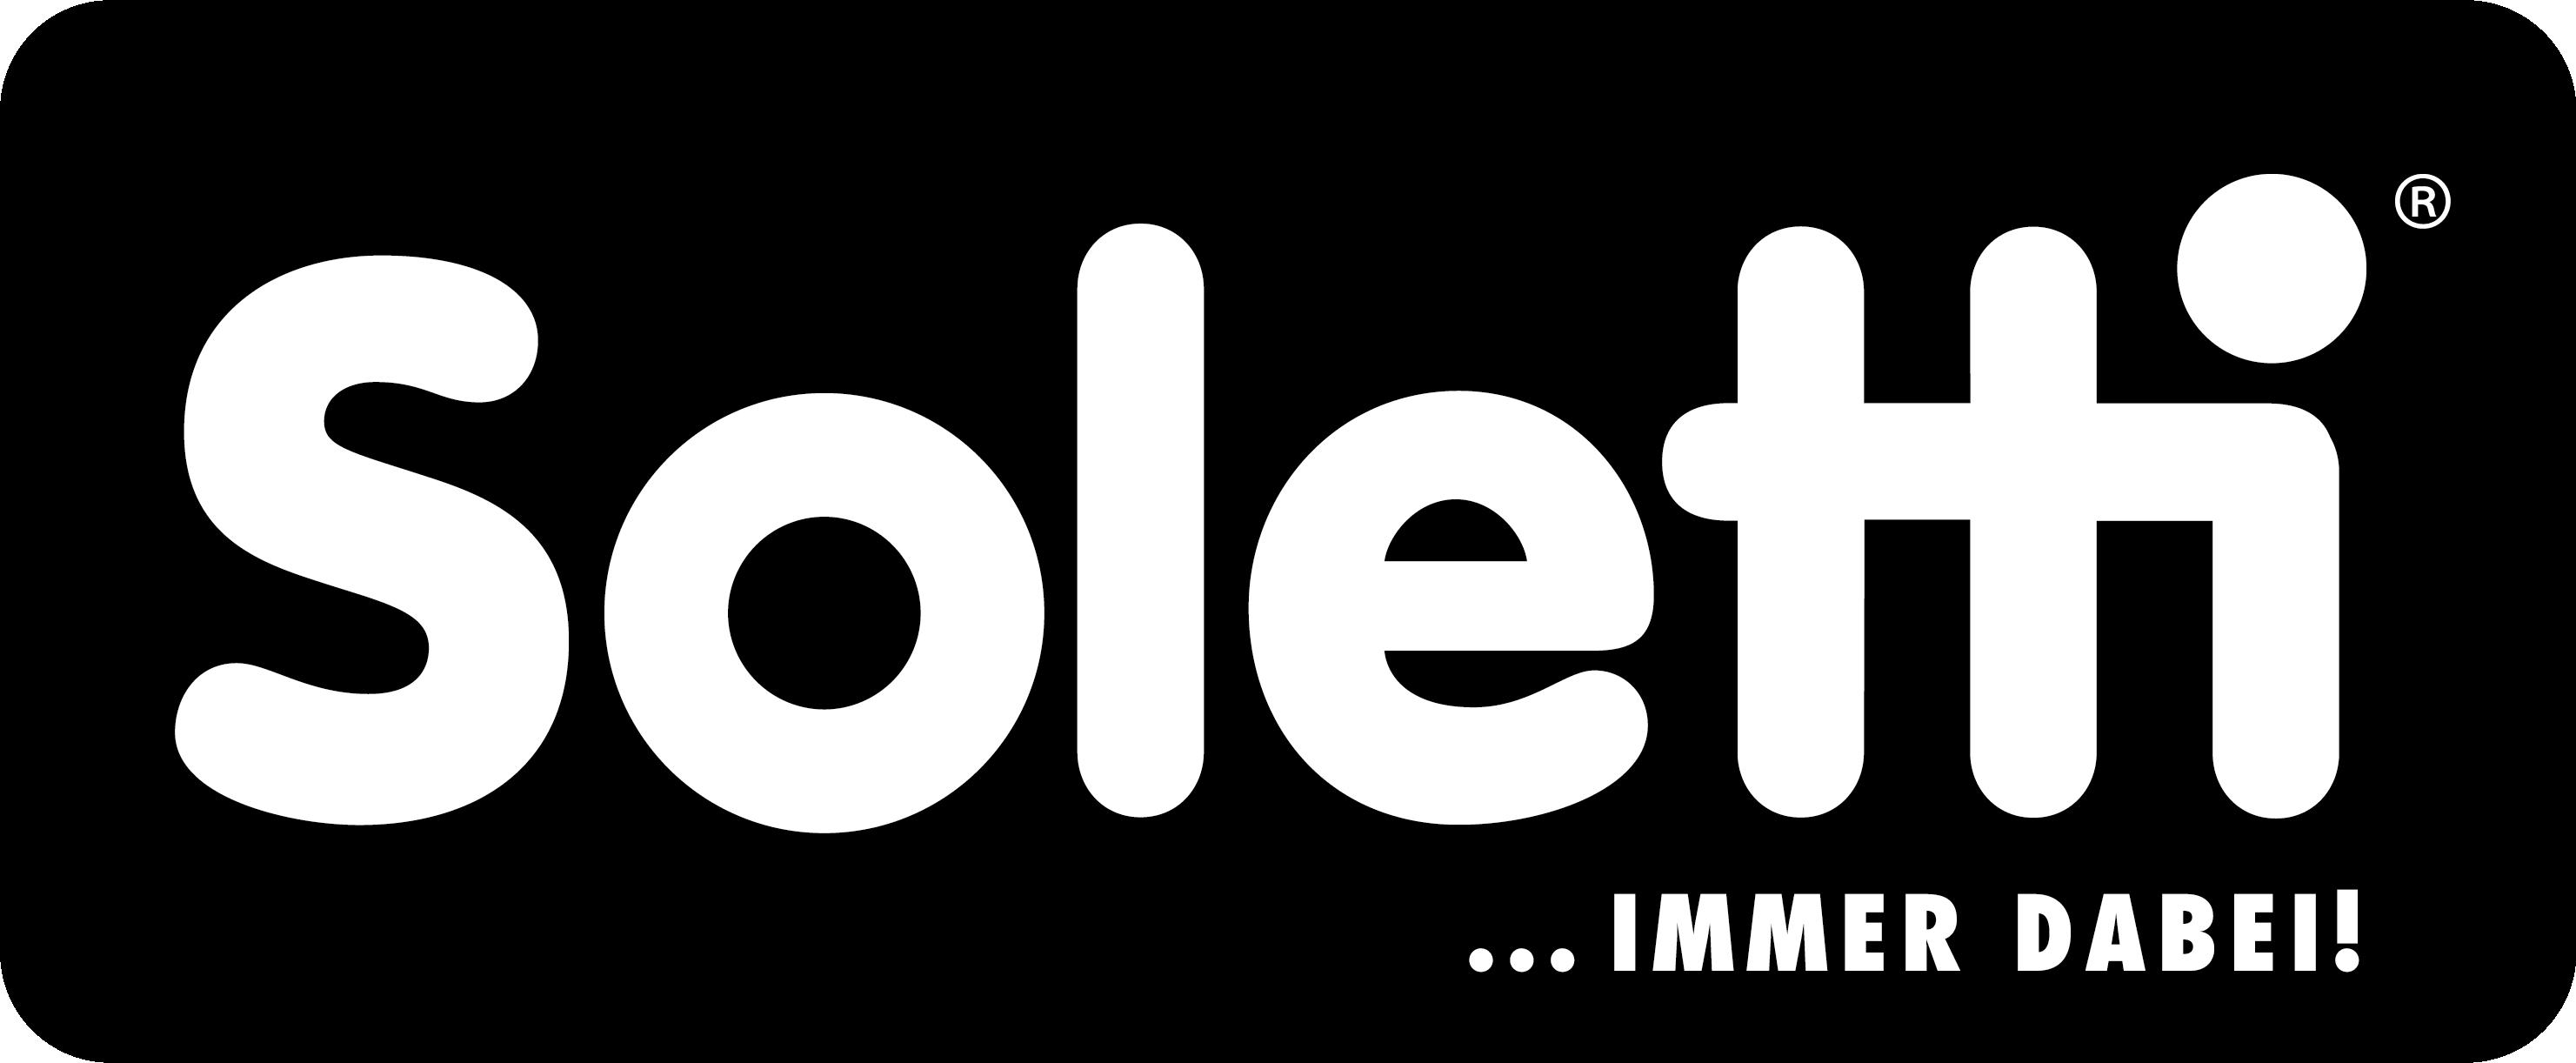 Soletti_Logo_2016_immer_dabei_1C